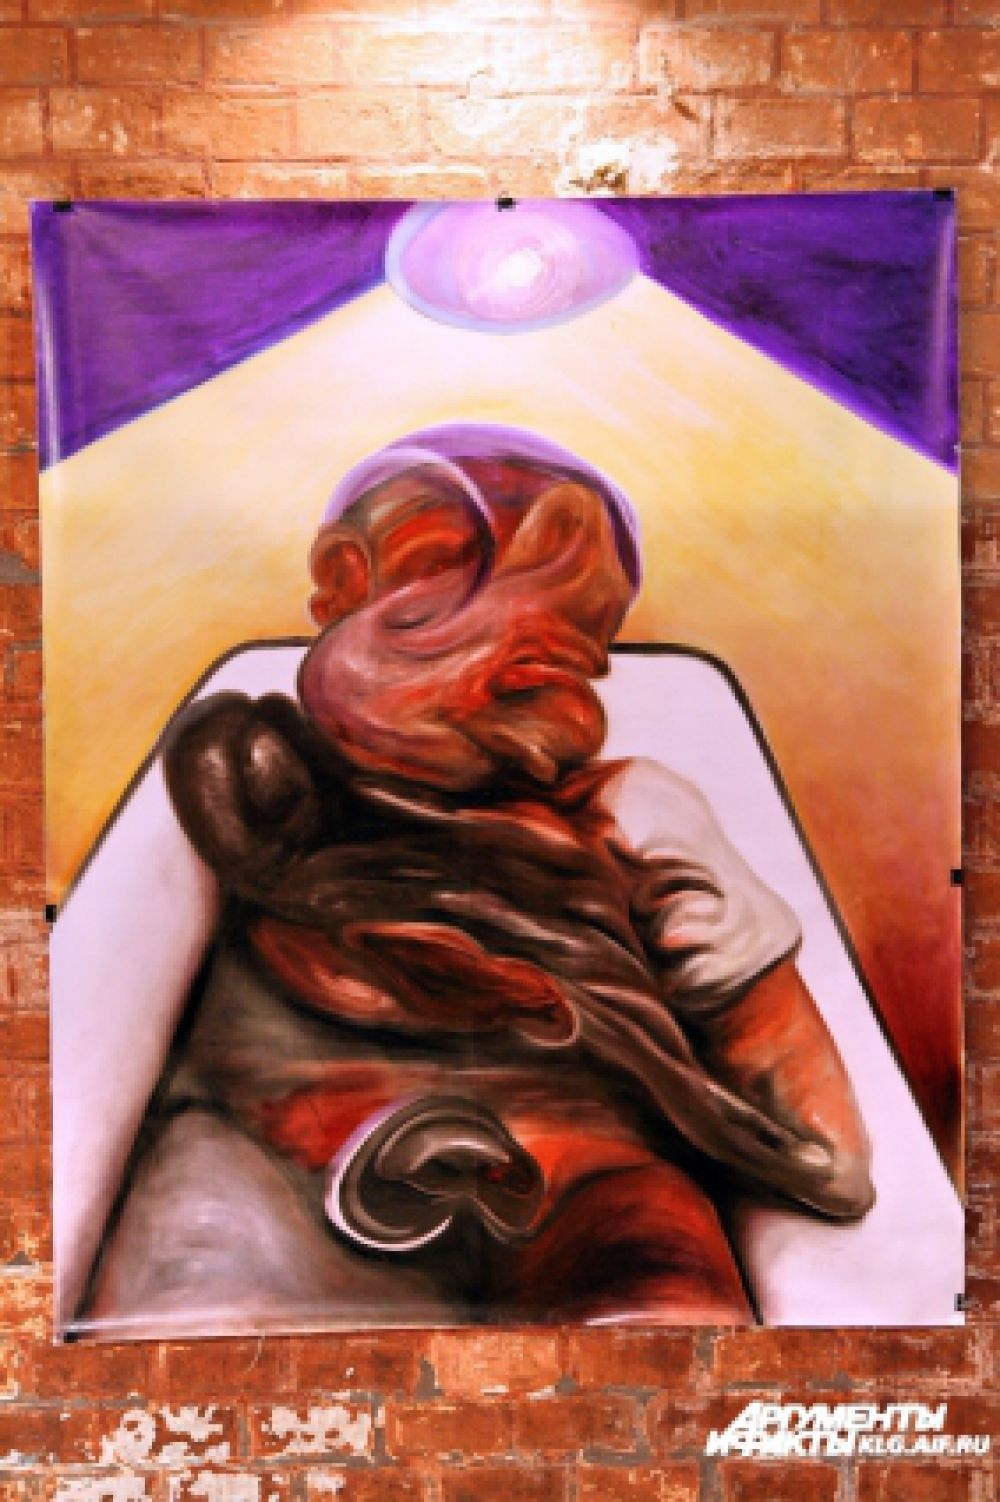 Работа «Спящий человек» выполнена на обрывке афиши.